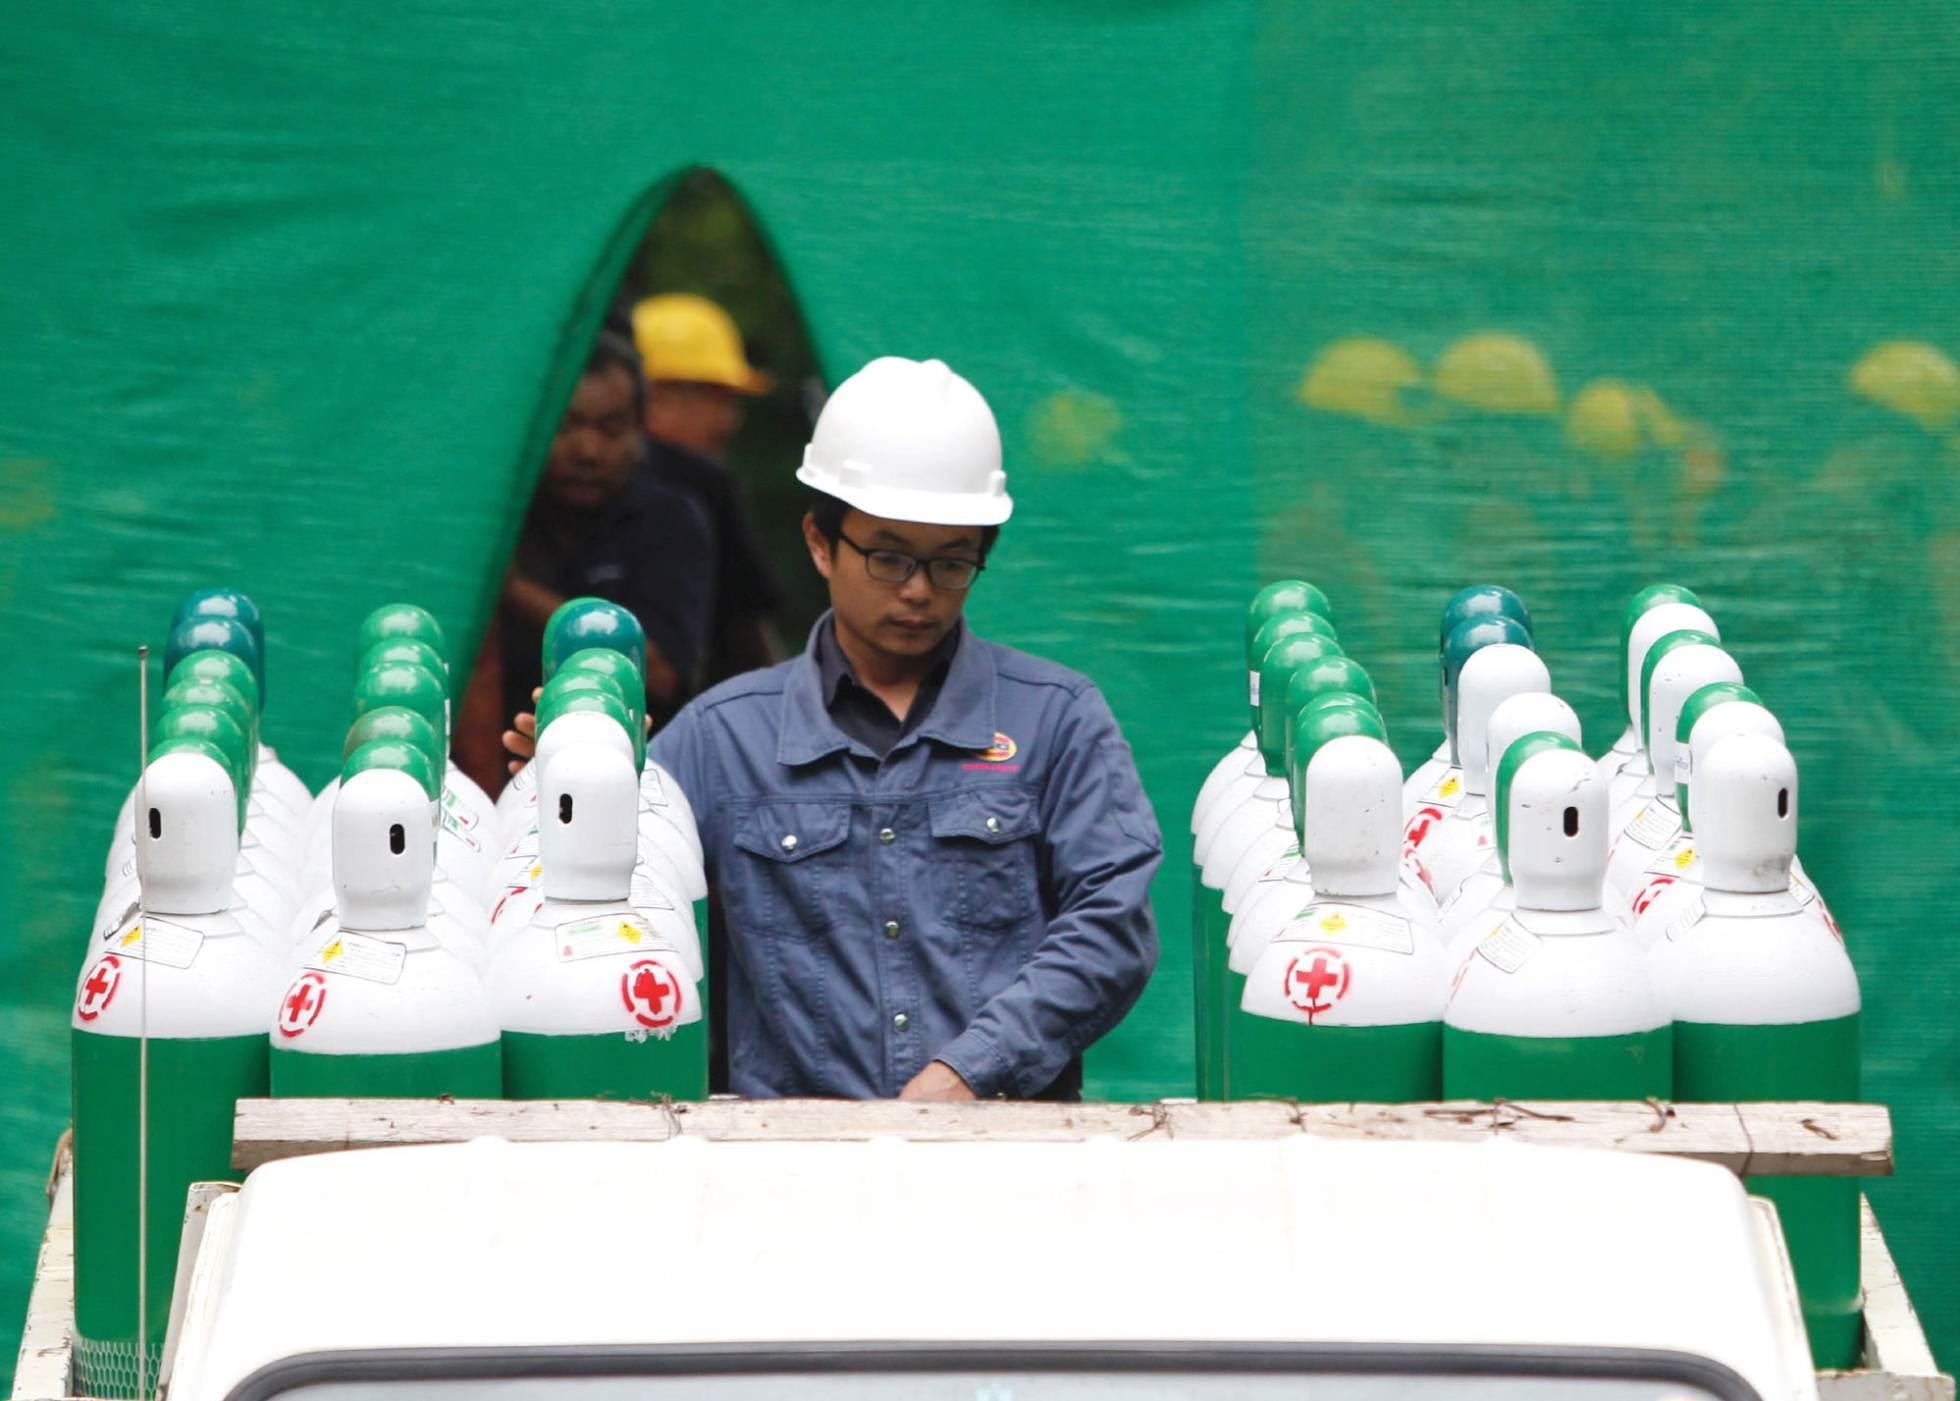 Un trabajador prepara las bombonas de oxígeno para el rescate de los niños en el exterior de la cueva, el 8 de julio de 2018.